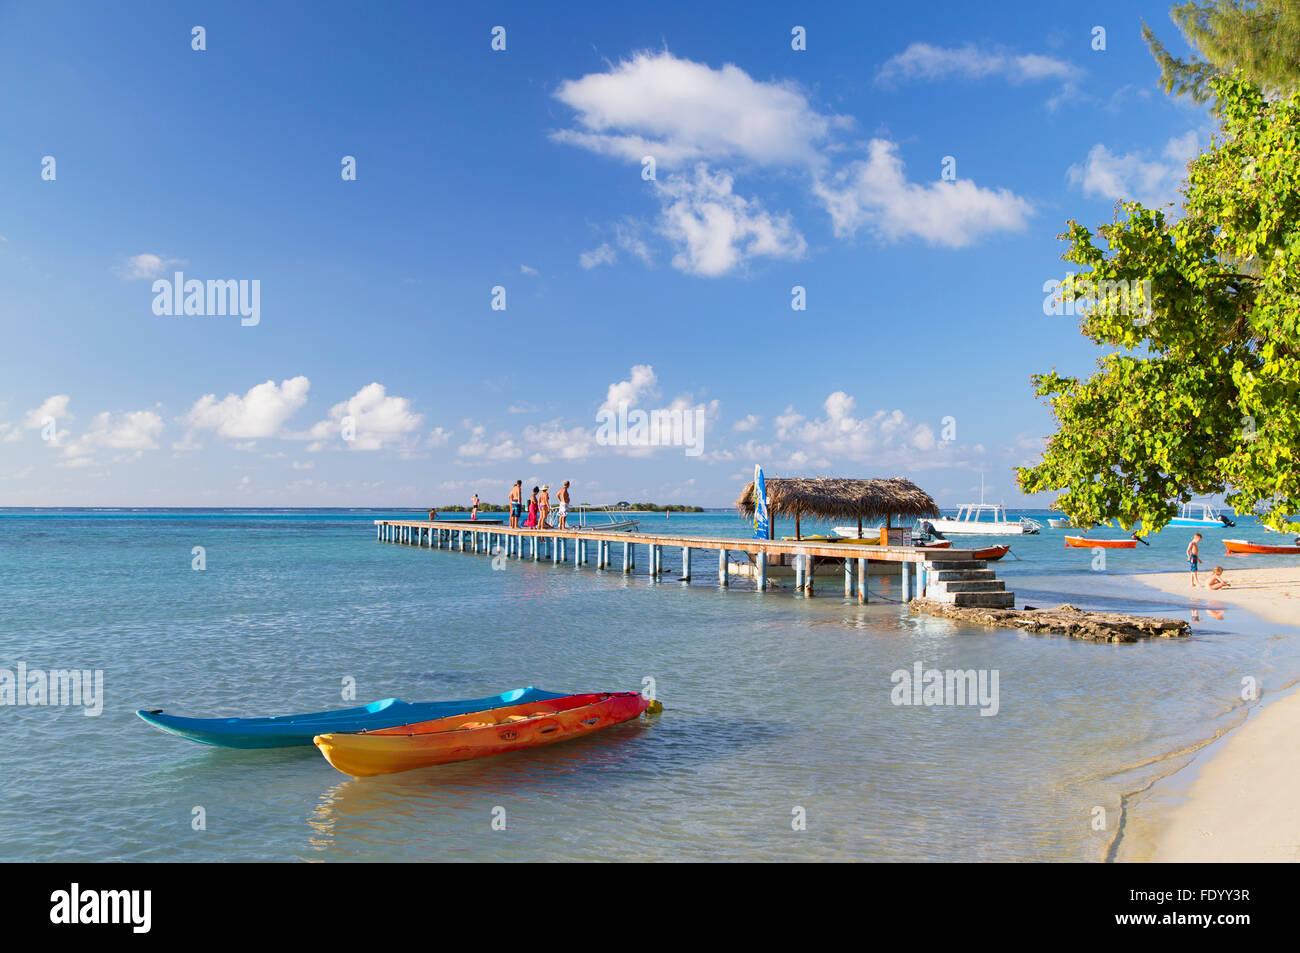 Hauru Point, Mo'Orea, Isole della Società, Polinesia Francese Foto Stock